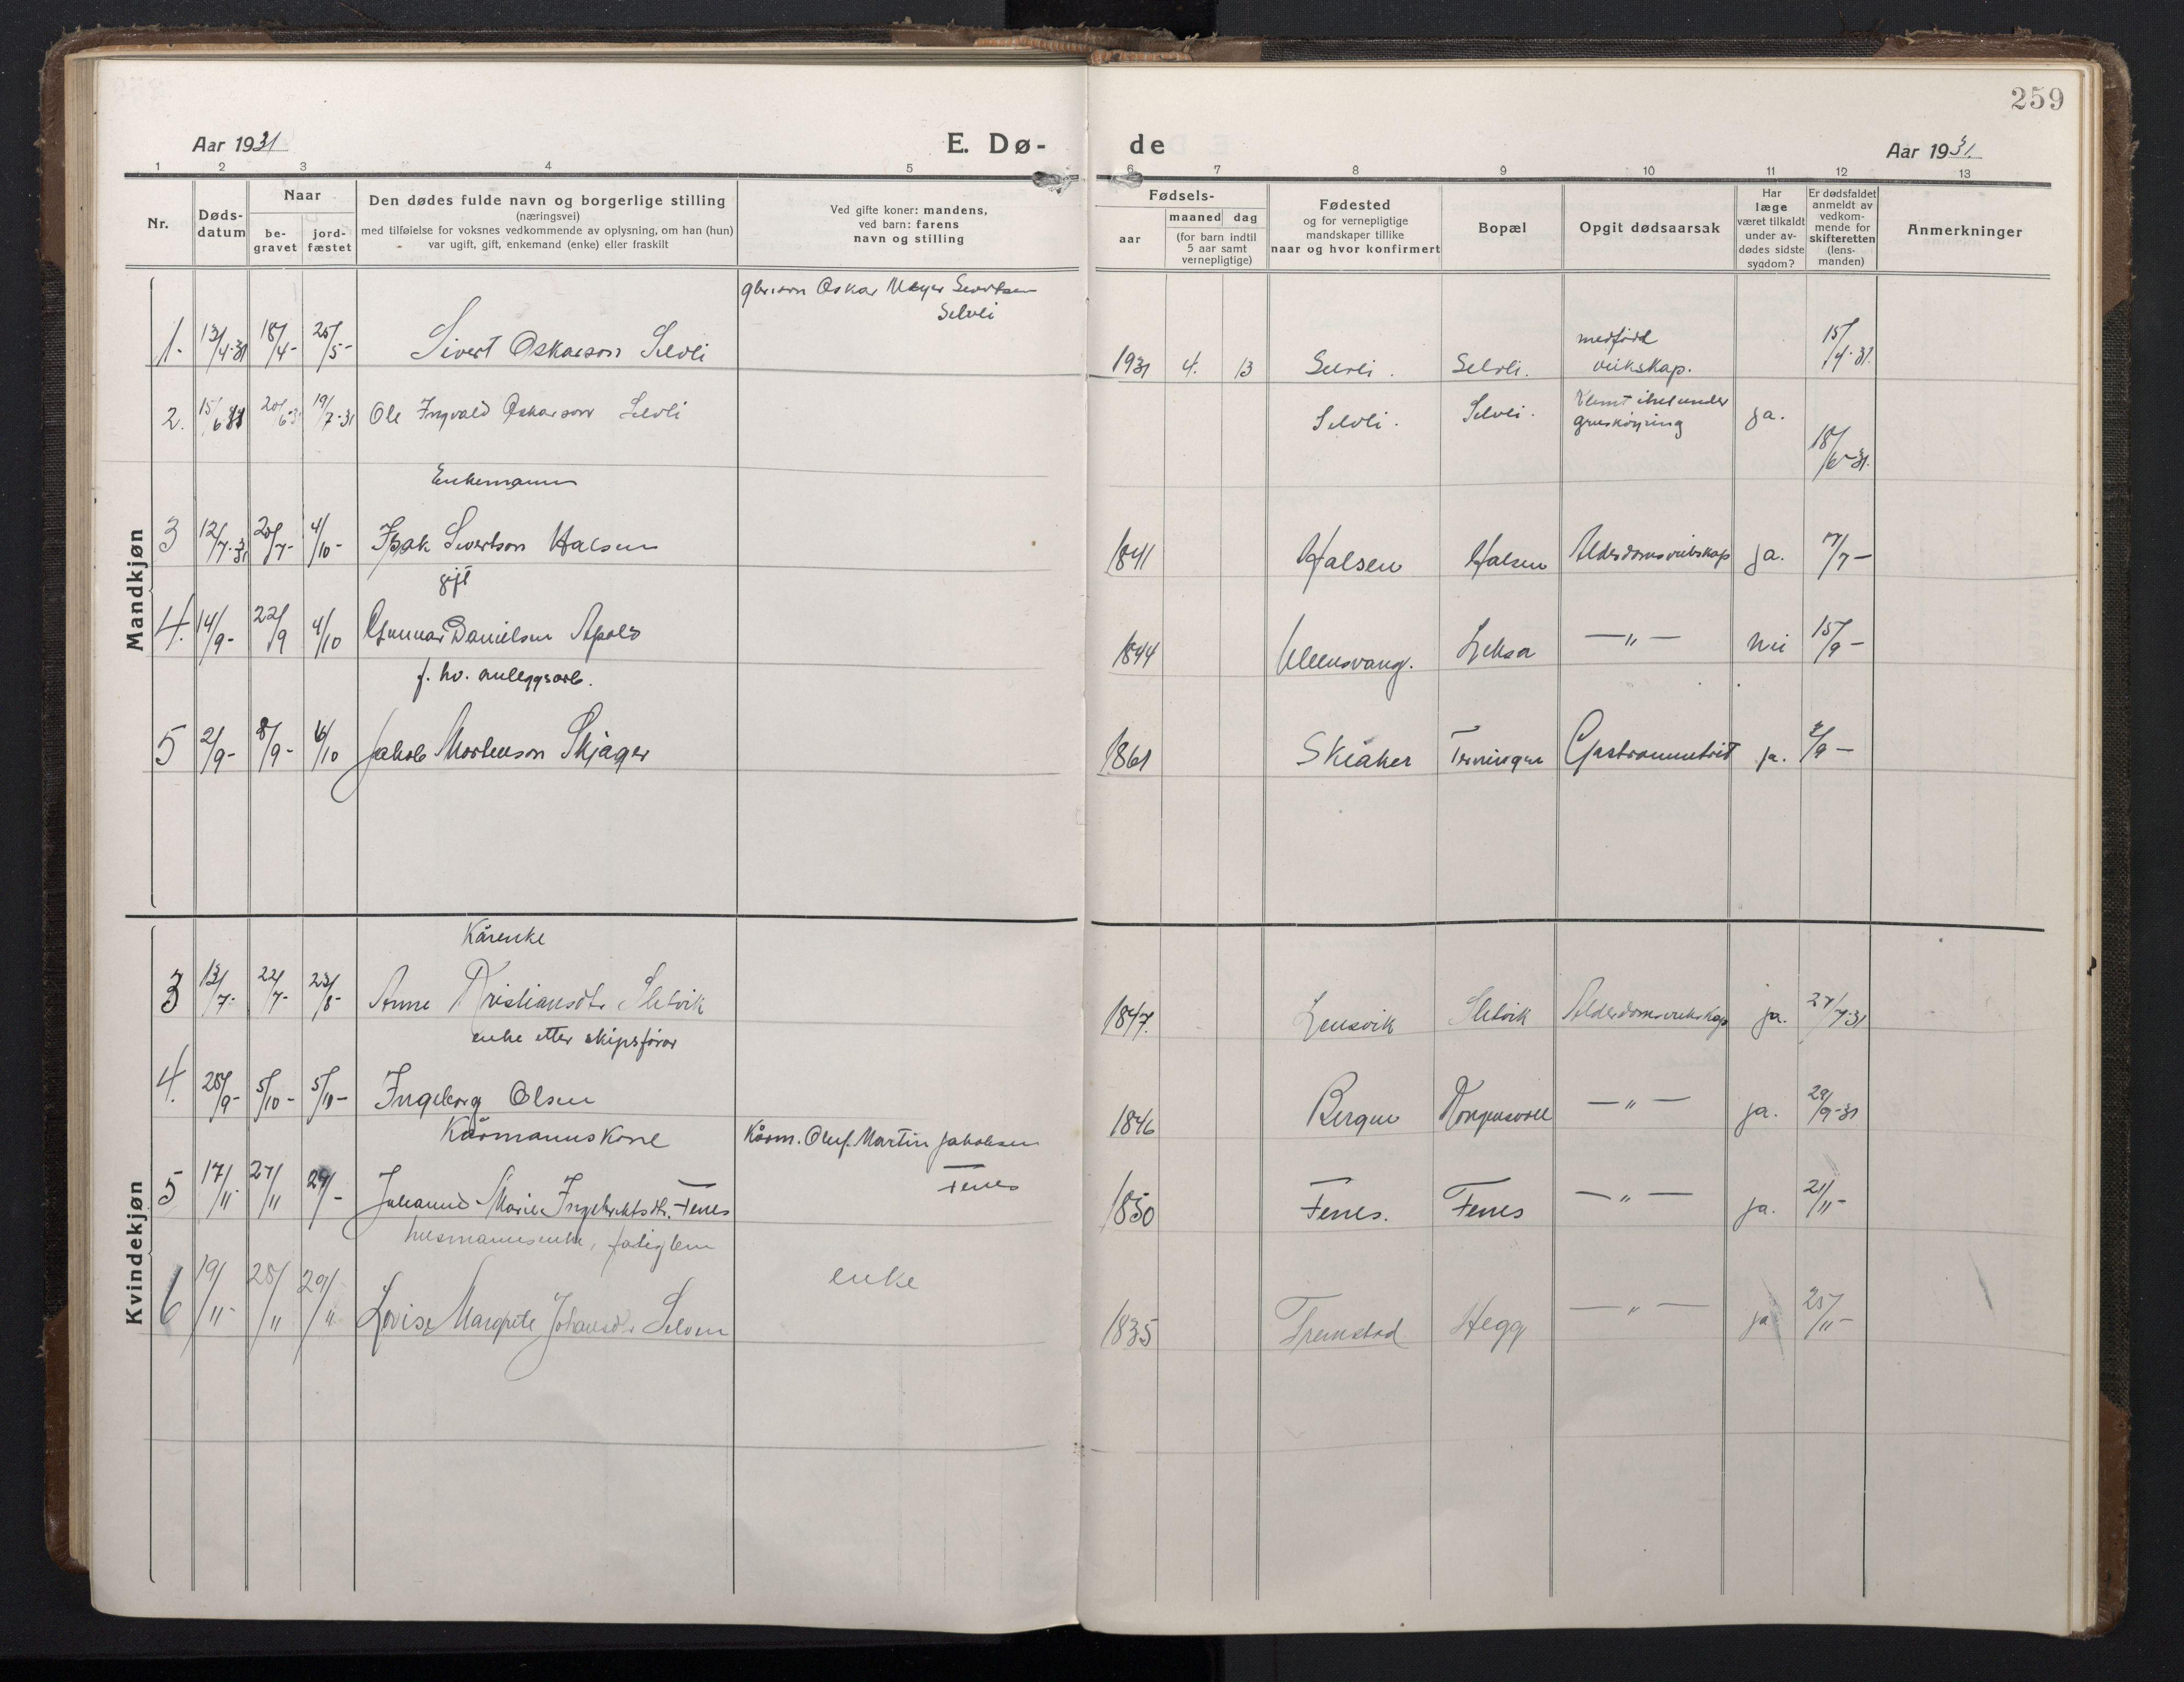 SAT, Ministerialprotokoller, klokkerbøker og fødselsregistre - Sør-Trøndelag, 662/L0758: Klokkerbok nr. 662C03, 1918-1948, s. 259